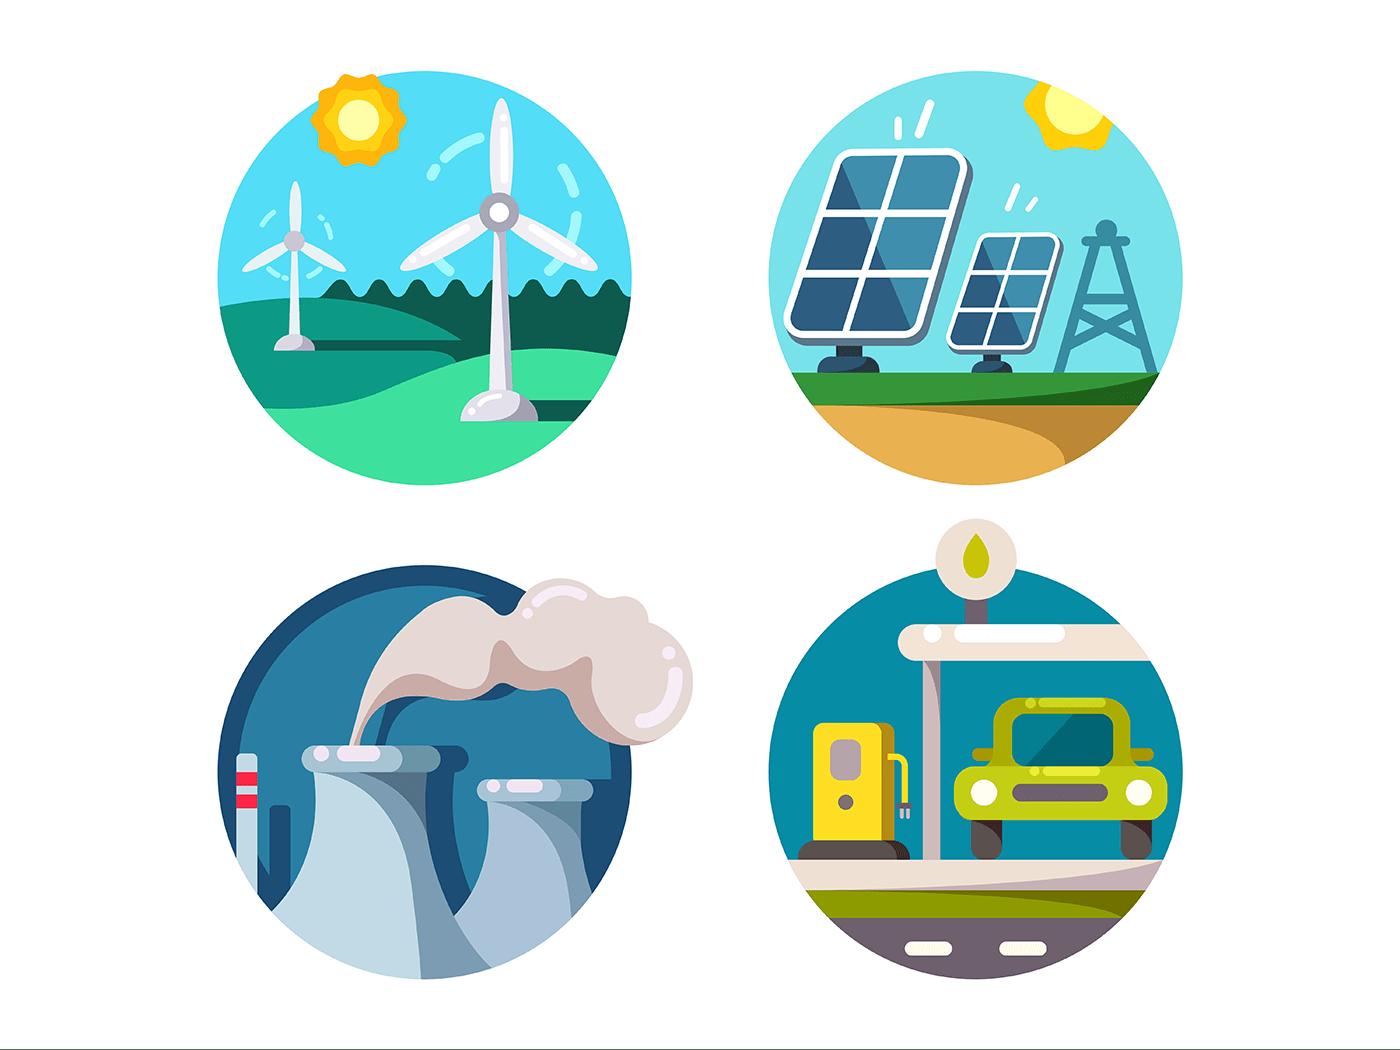 Energy saving technologies icons